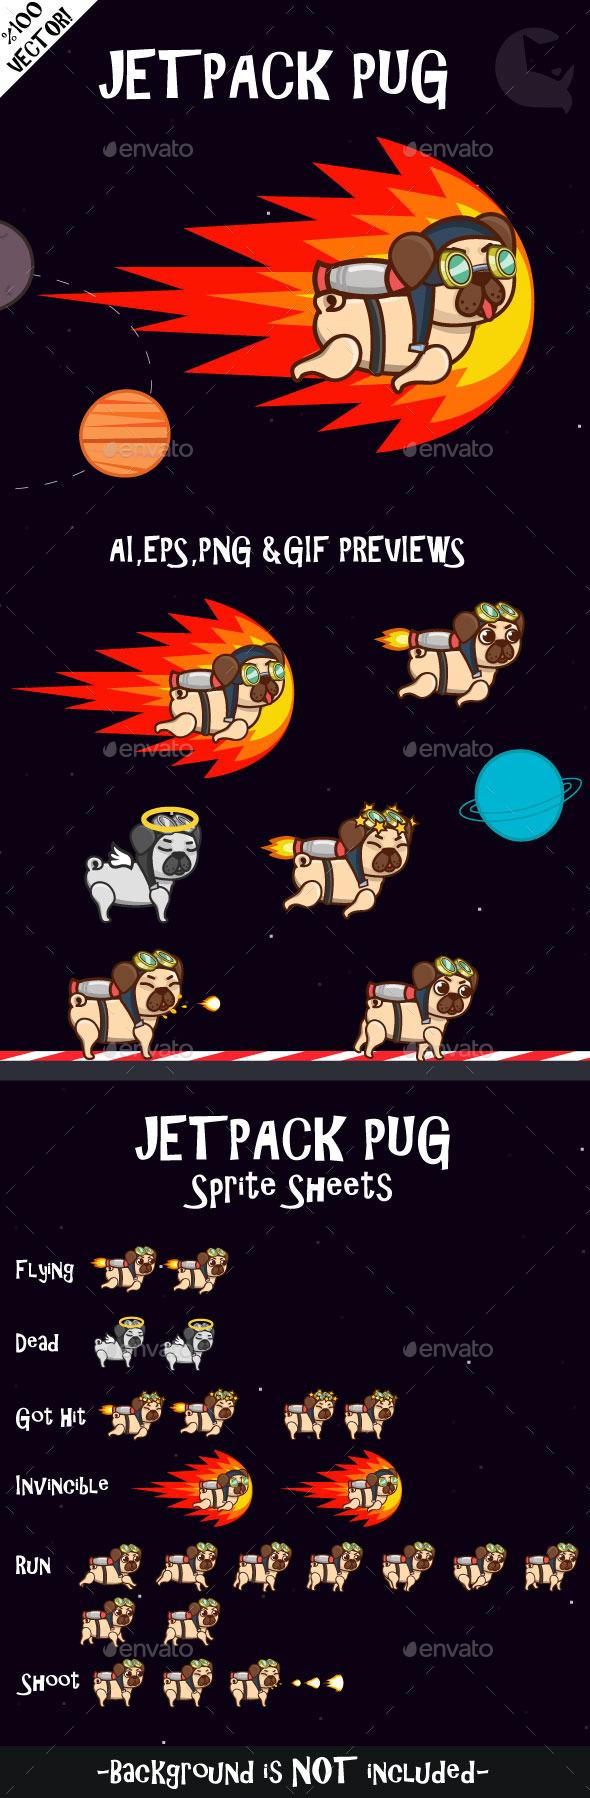 GraphicRiver Jetpack Pug 10629333